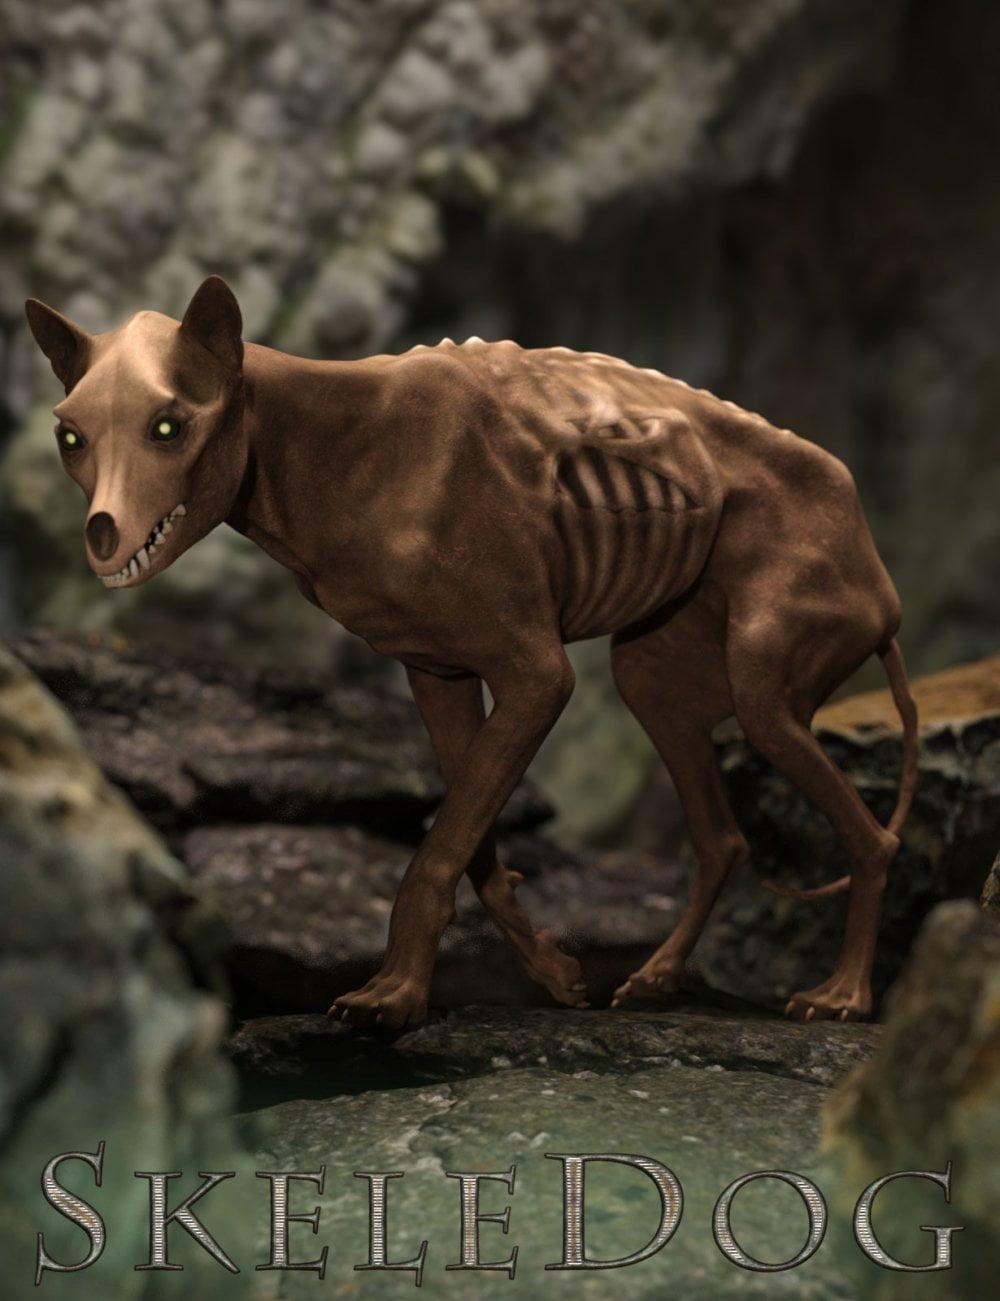 SkeleDog for the HiveWire Big Dog